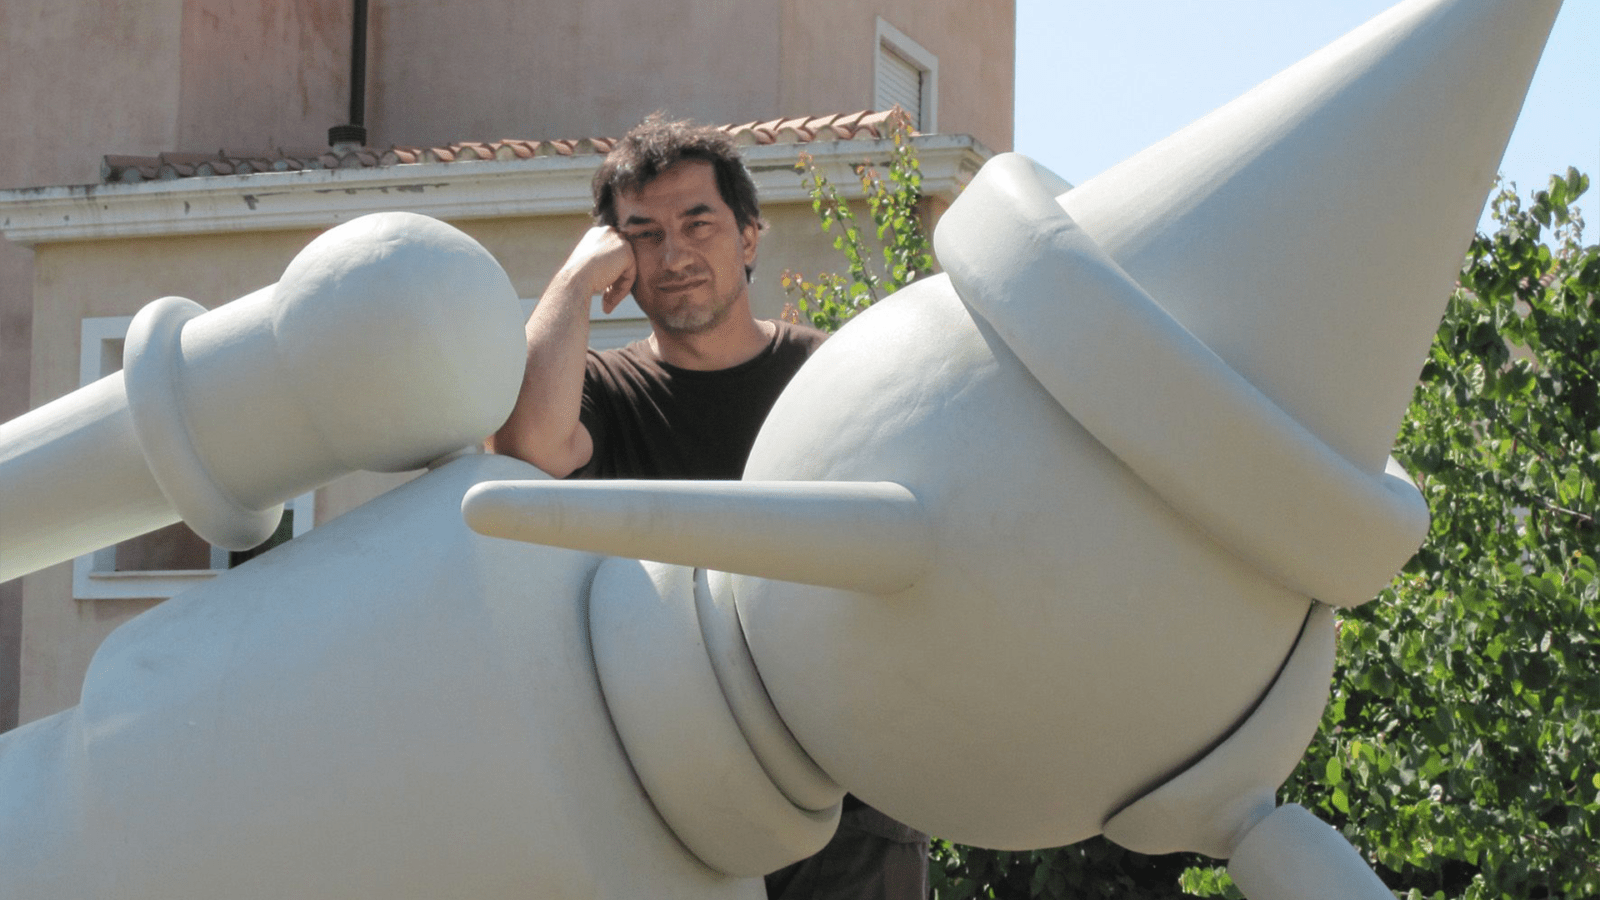 Alex pinna scultore italiano